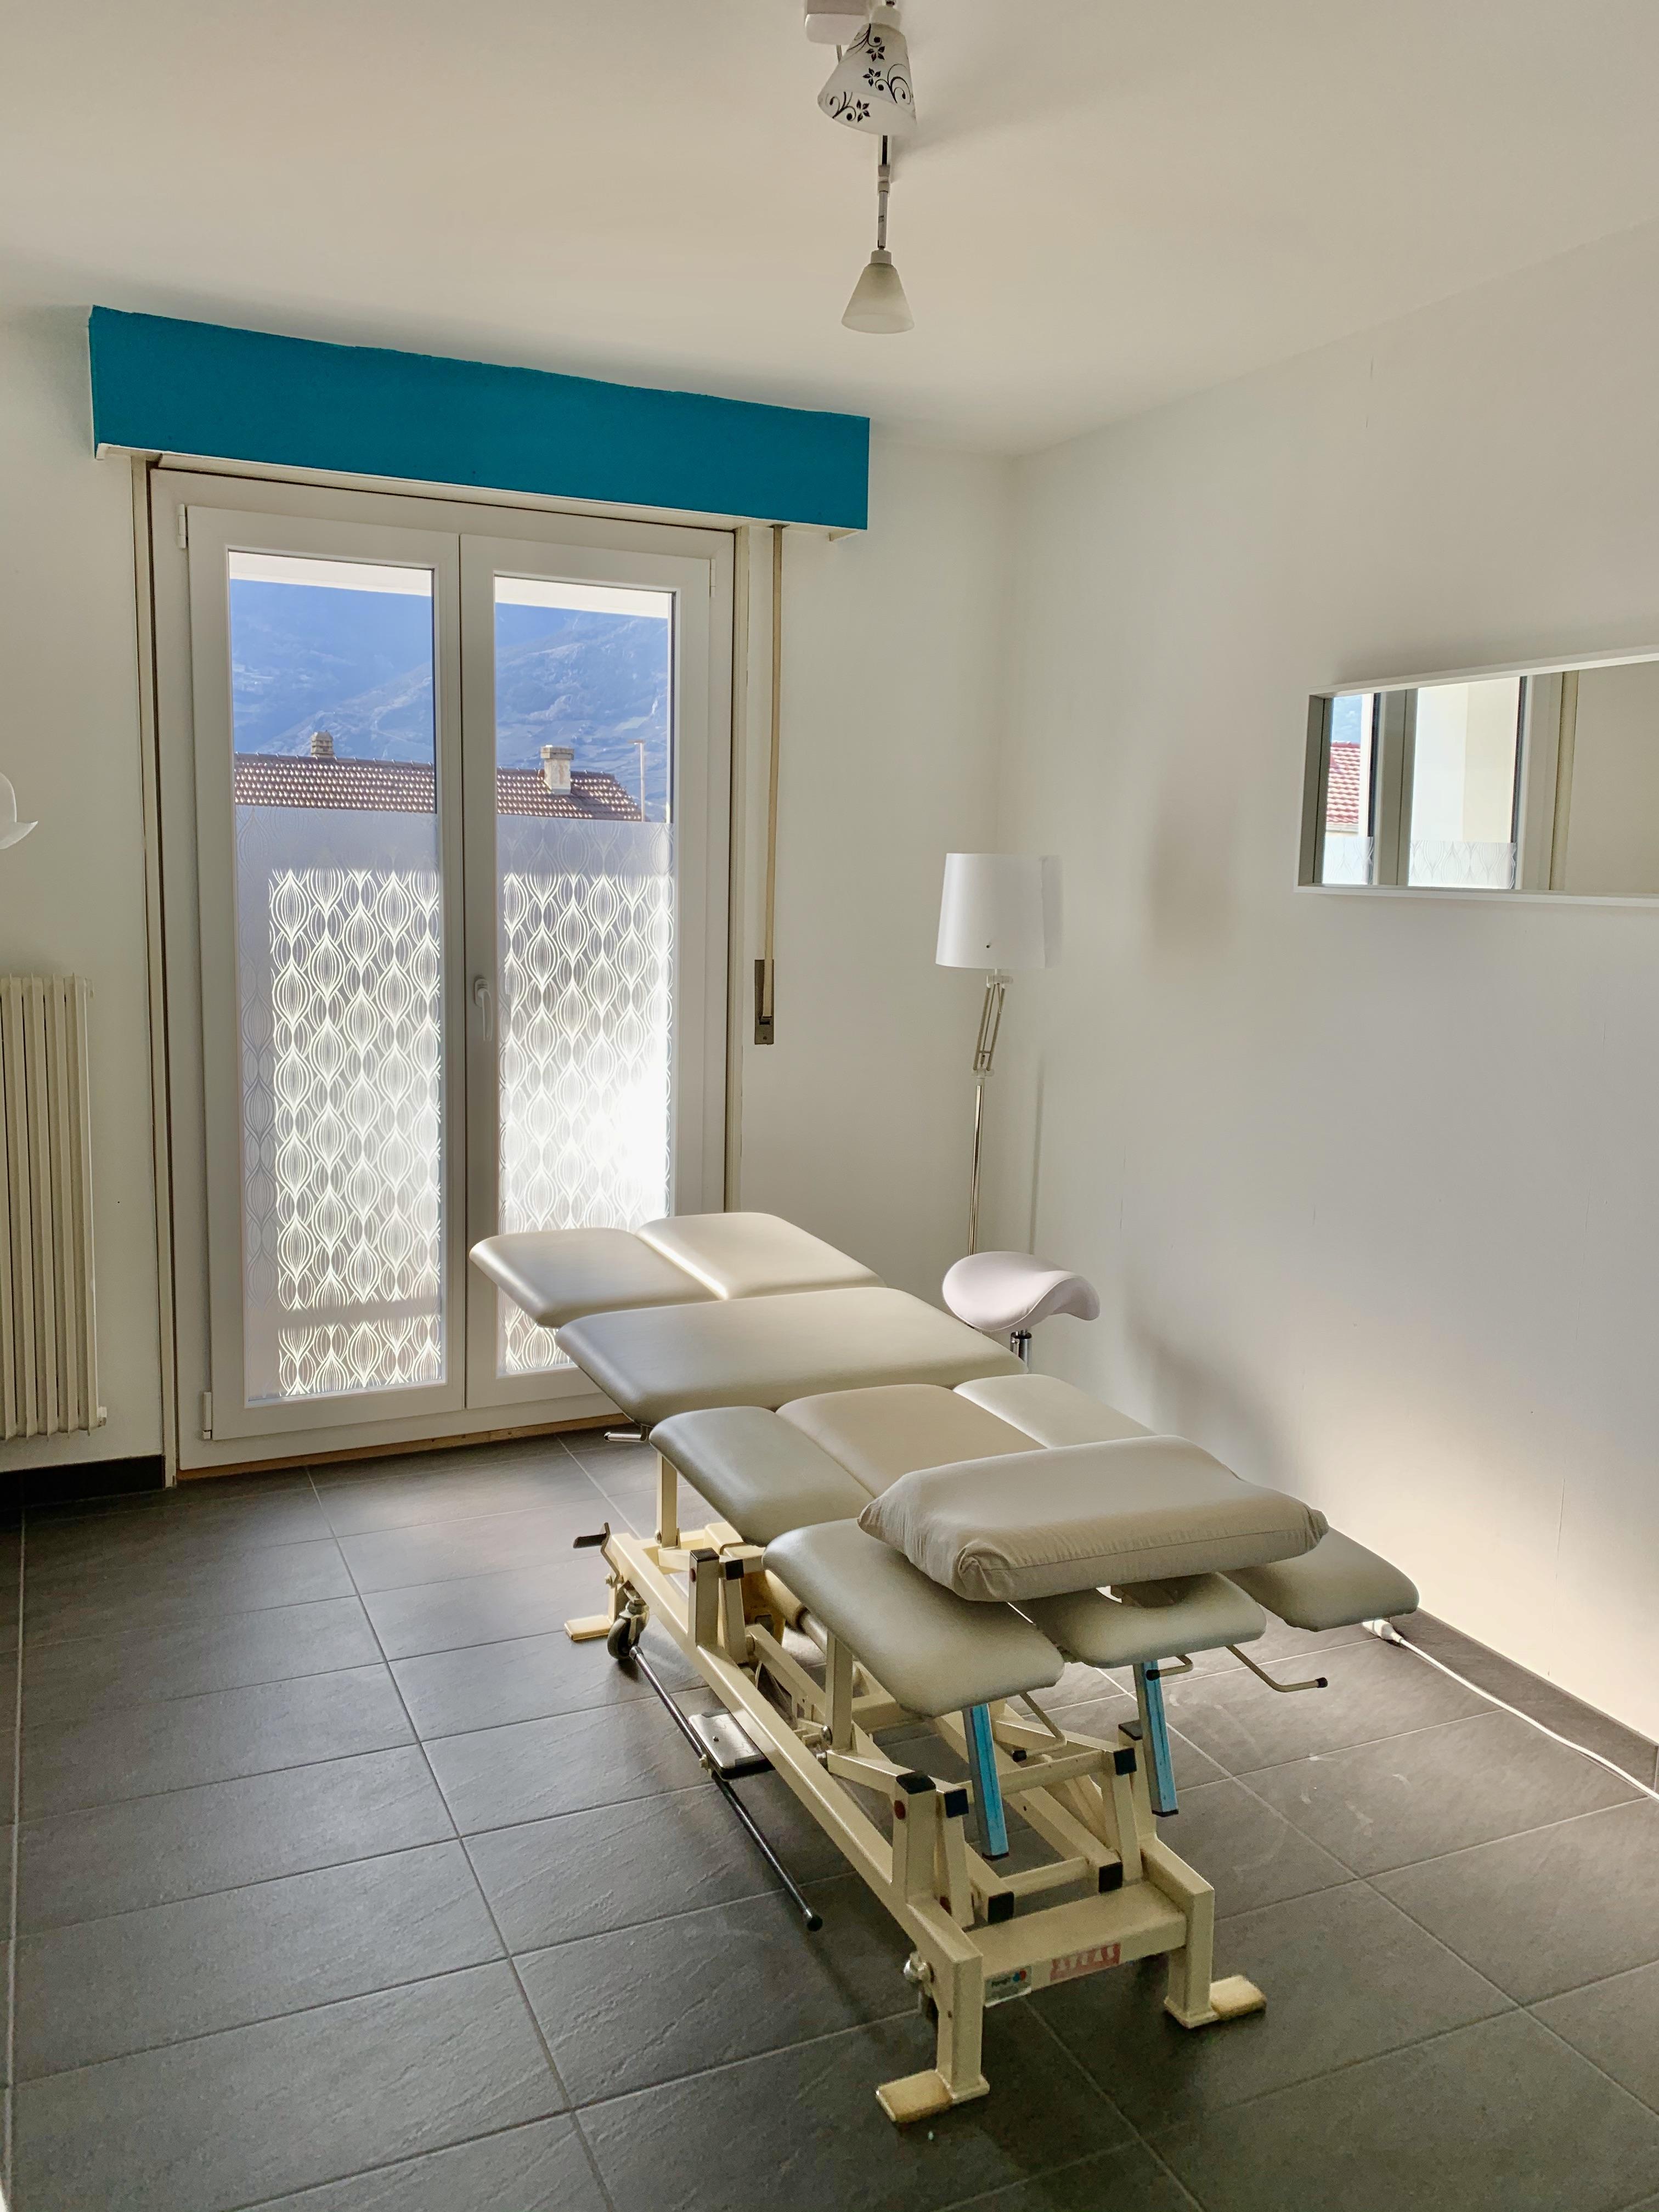 Les salles de physiothérapie